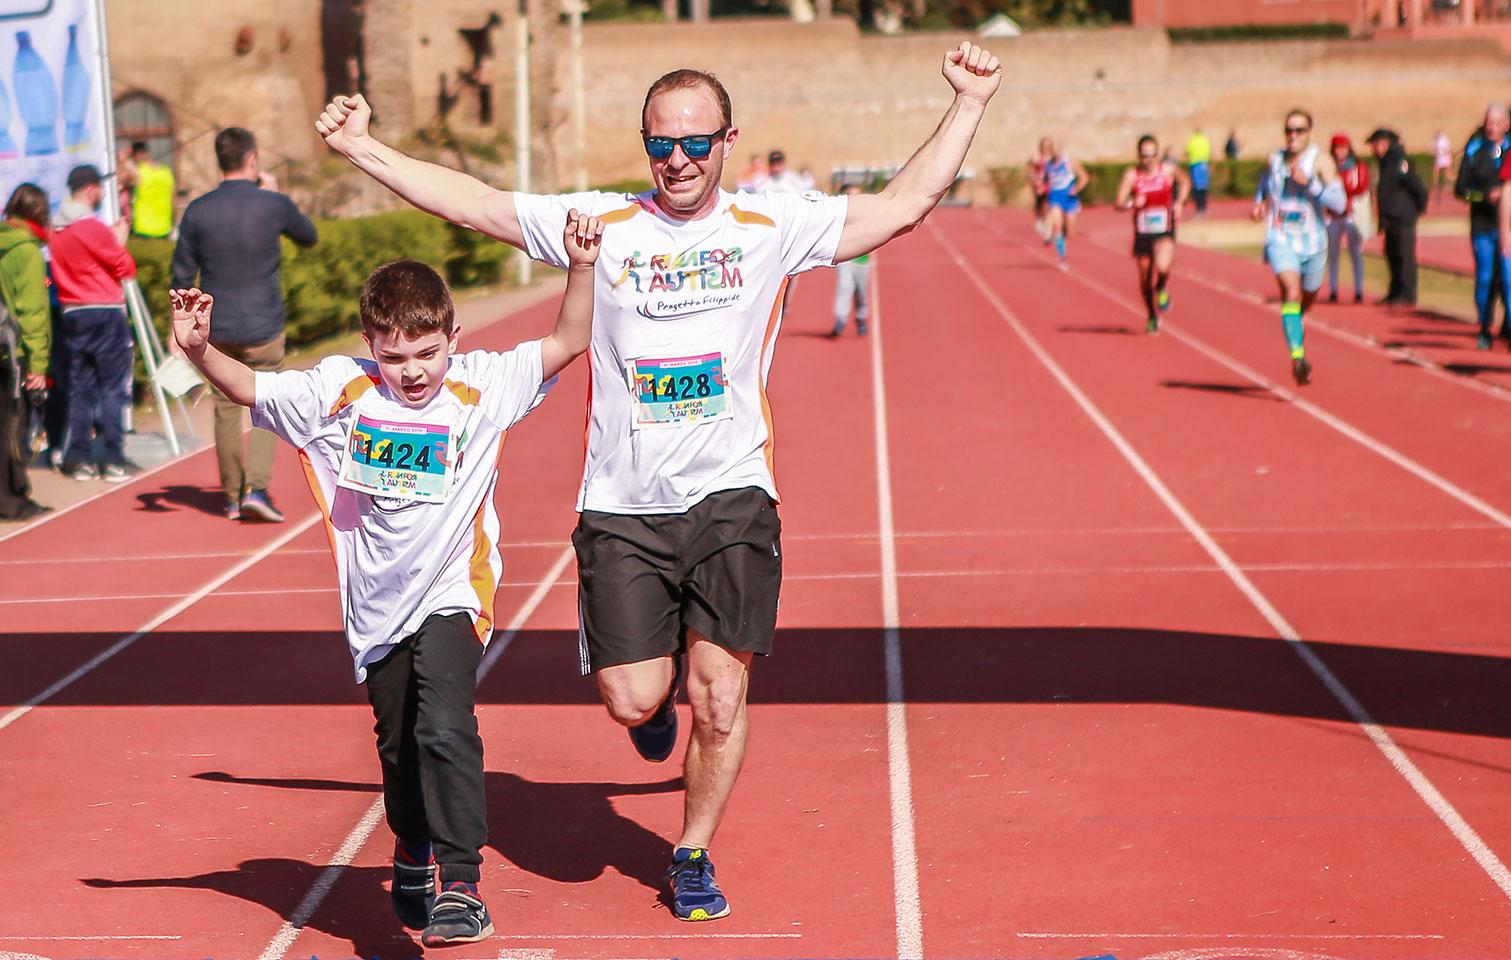 associazione sportiva autismo